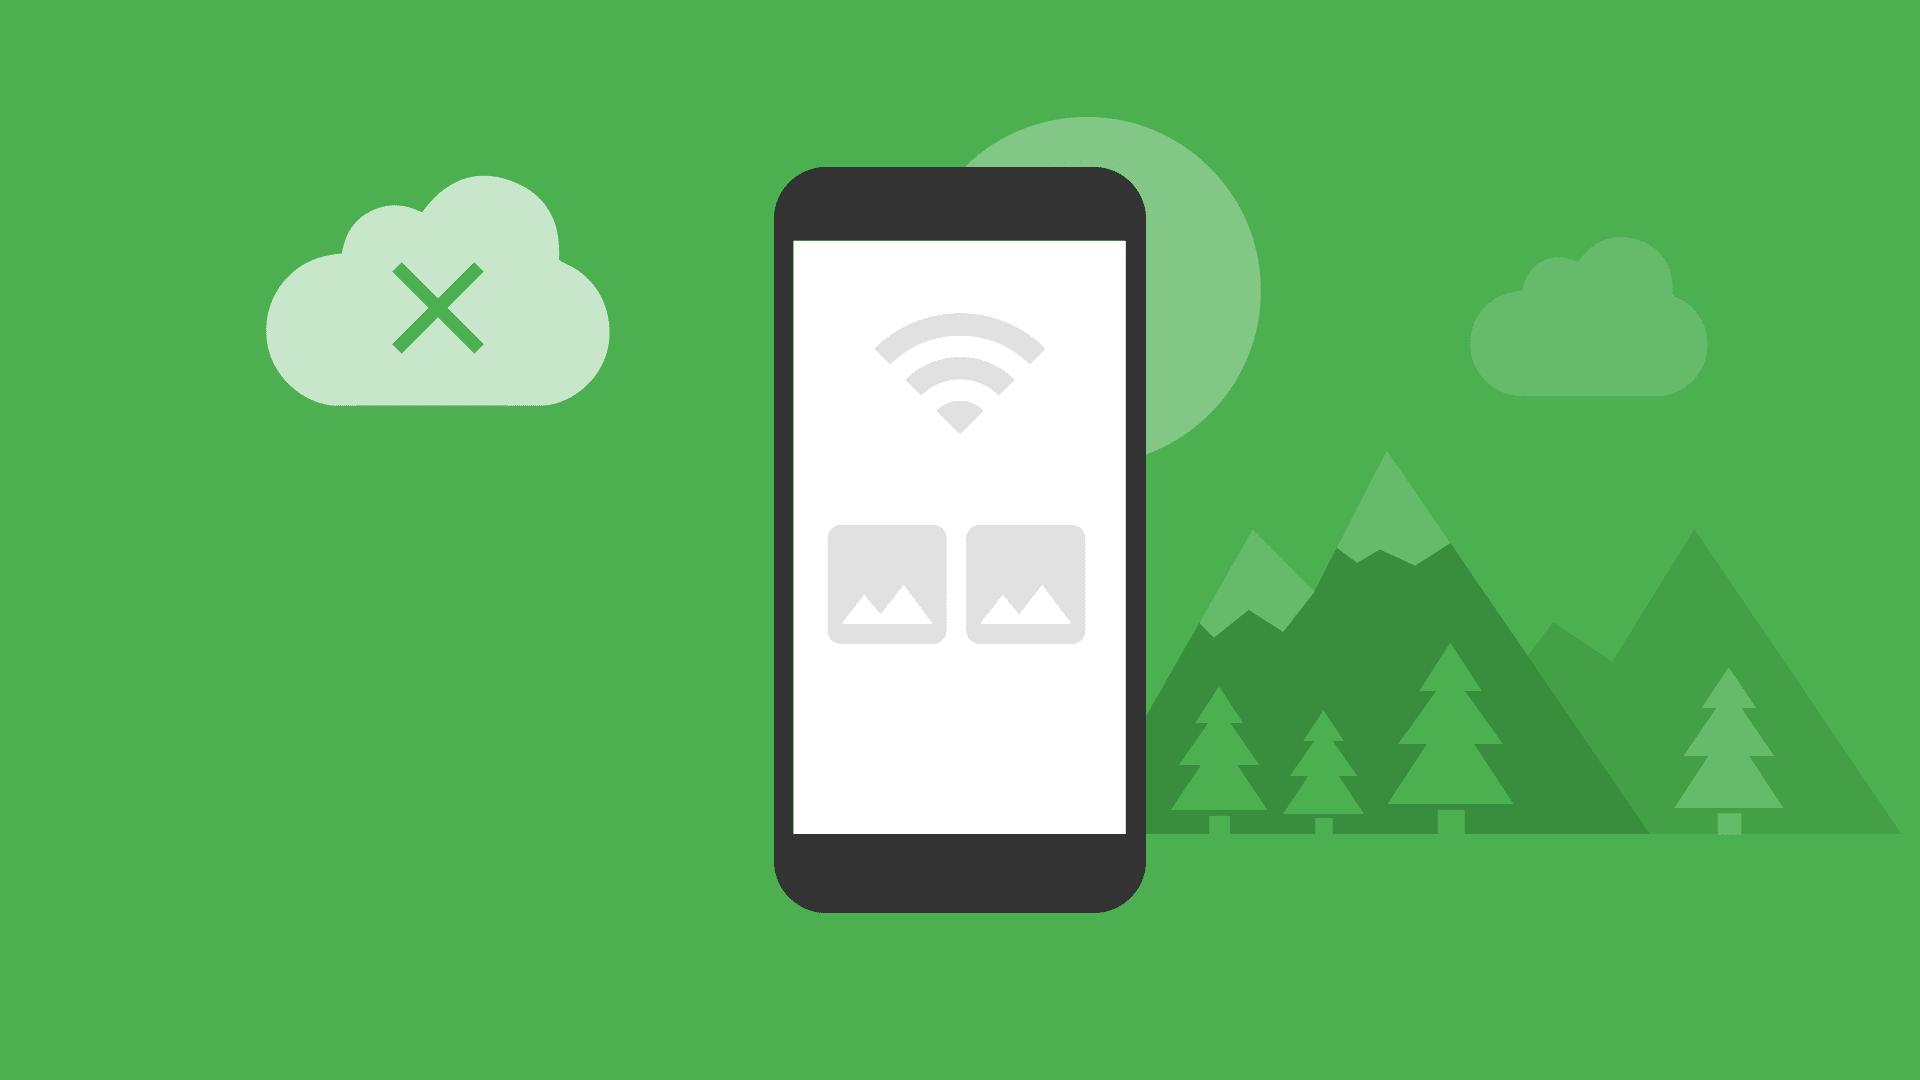 Tela de smartphone mostrando o status off-line